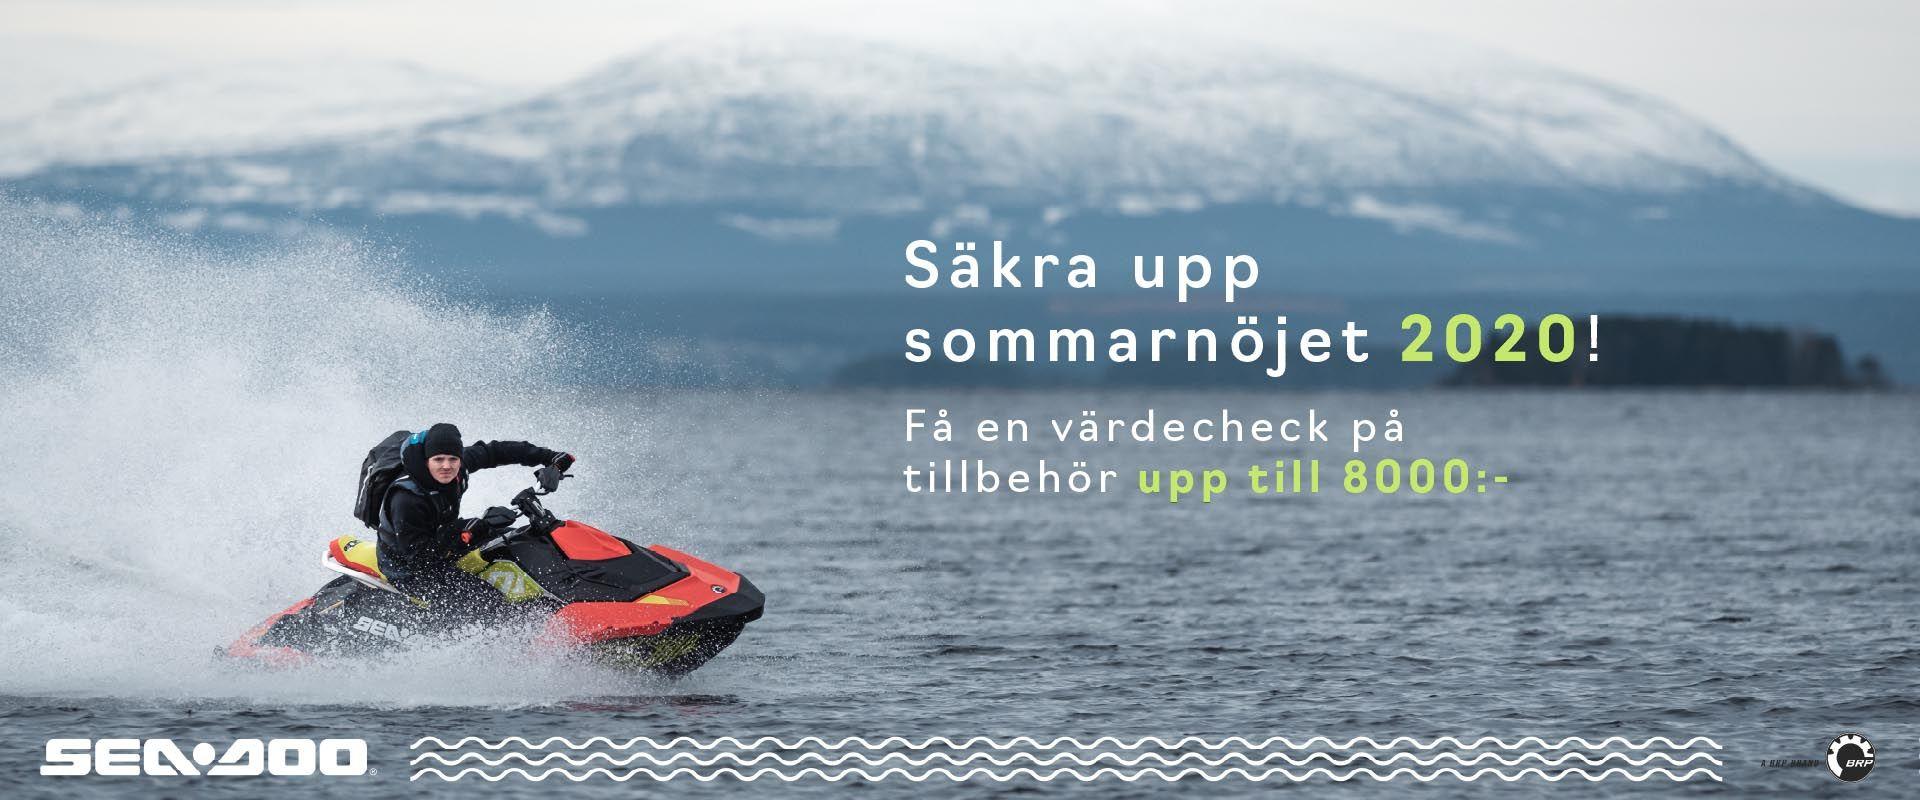 https://www.atv-fritid.se/forsaljning/nya-maskiner/sea-doo-2020.html